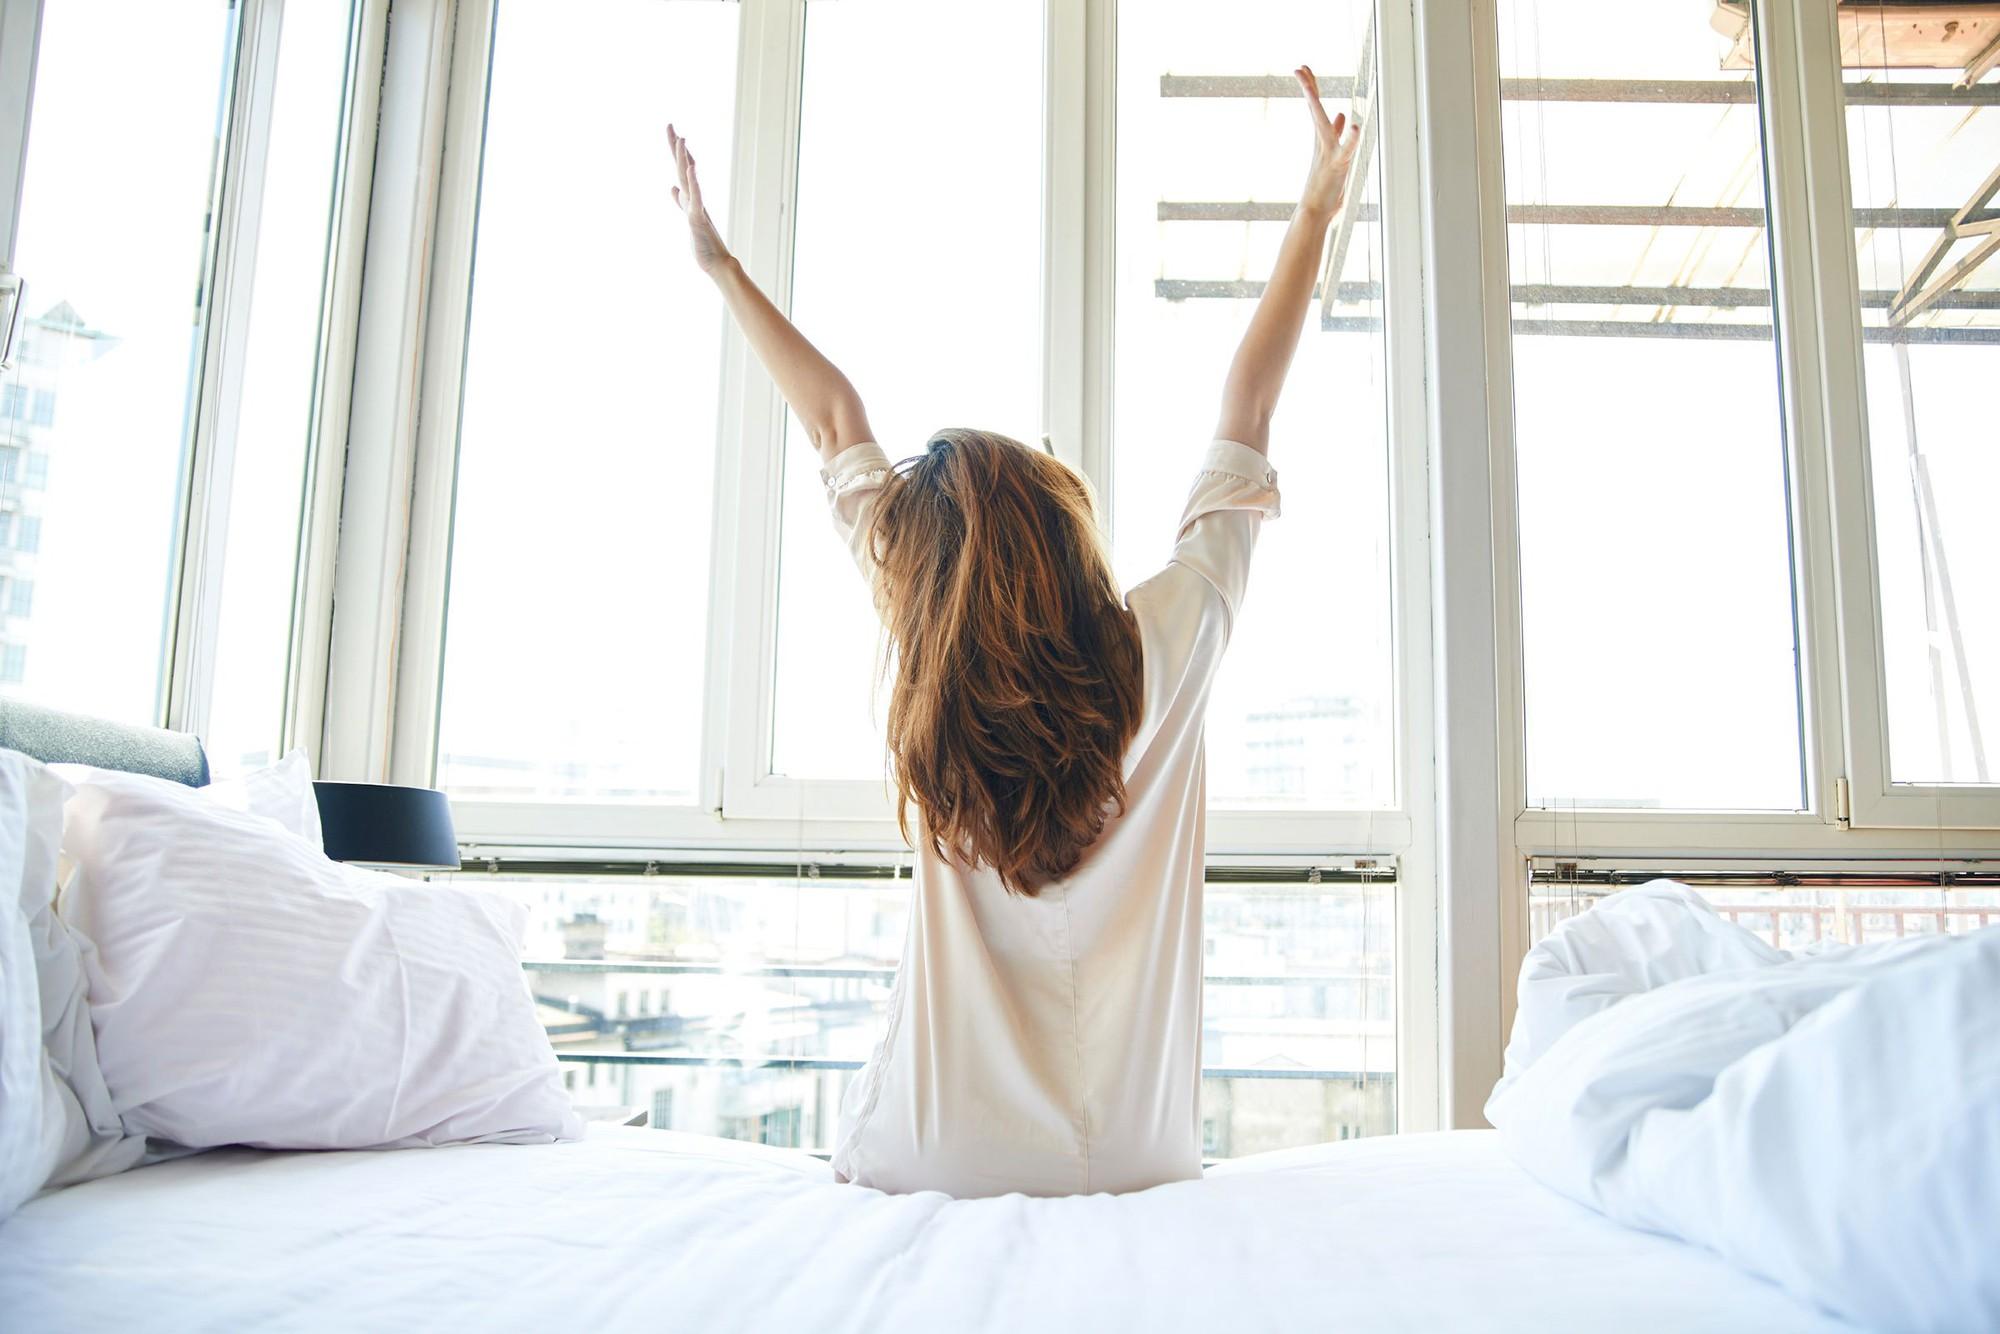 Bạn sẽ không còn thiếu động lực tập luyện mỗi sáng sớm nhờ những mẹo này - Ảnh 1.